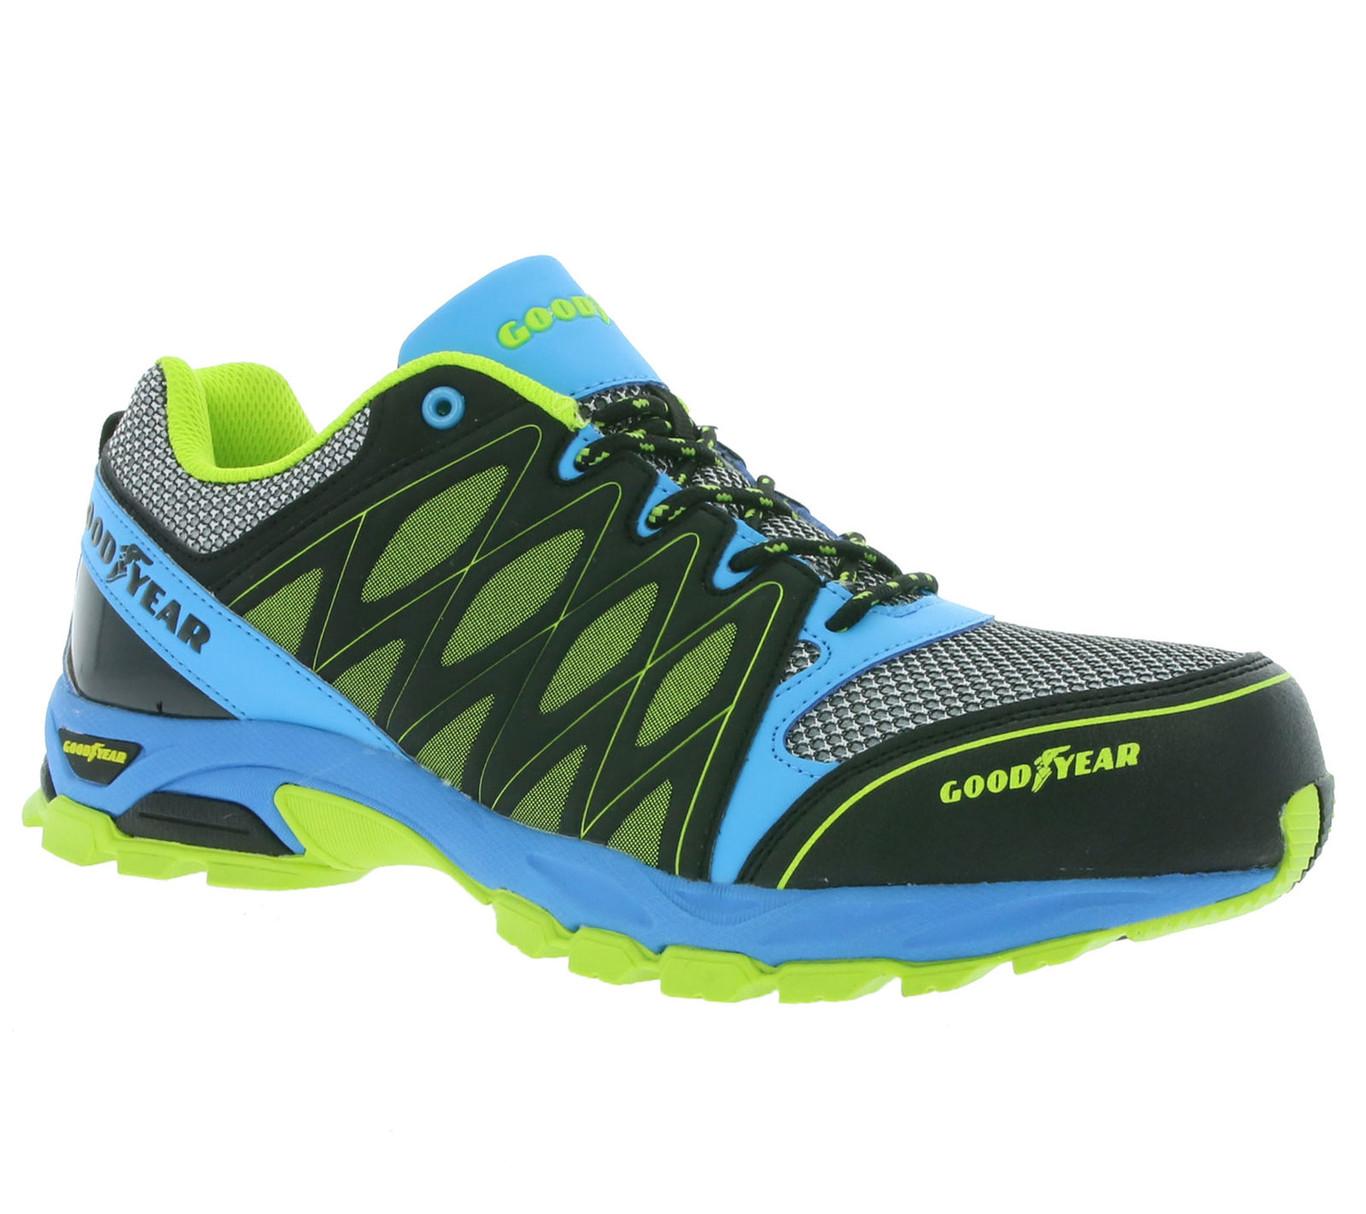 Zapatillas de seguridad para hombre Goodyear GYSHU1503